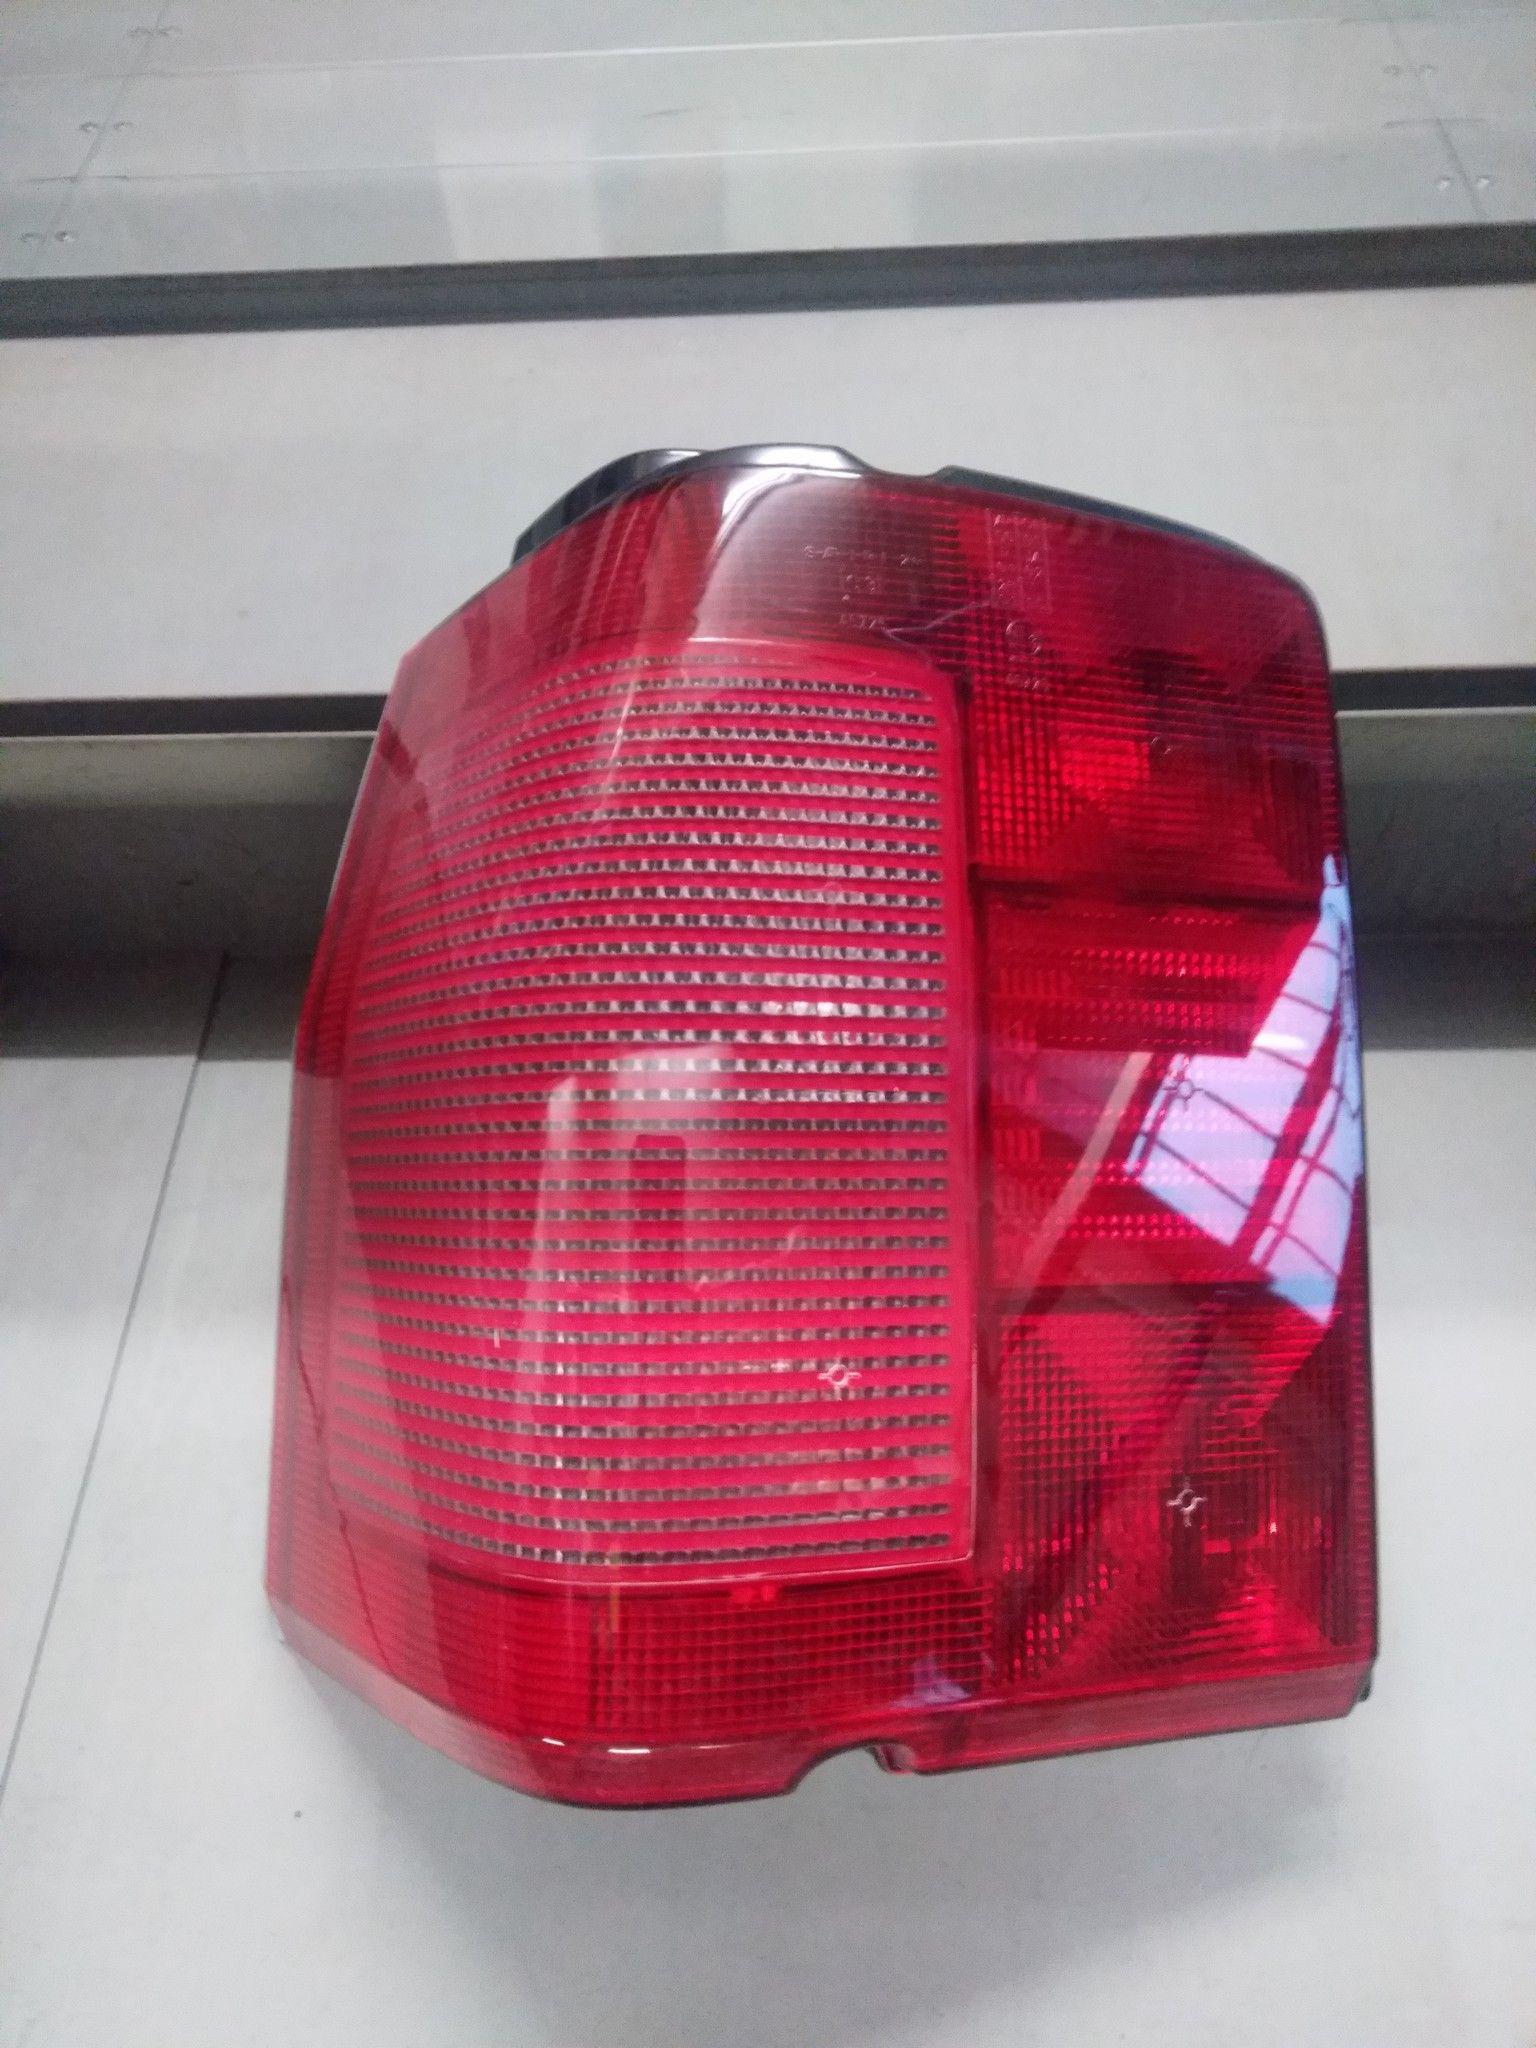 FANALE POSTERIORE SINISTRO ROSSO FIAT TIPO GT COD. MARELLI 28860703